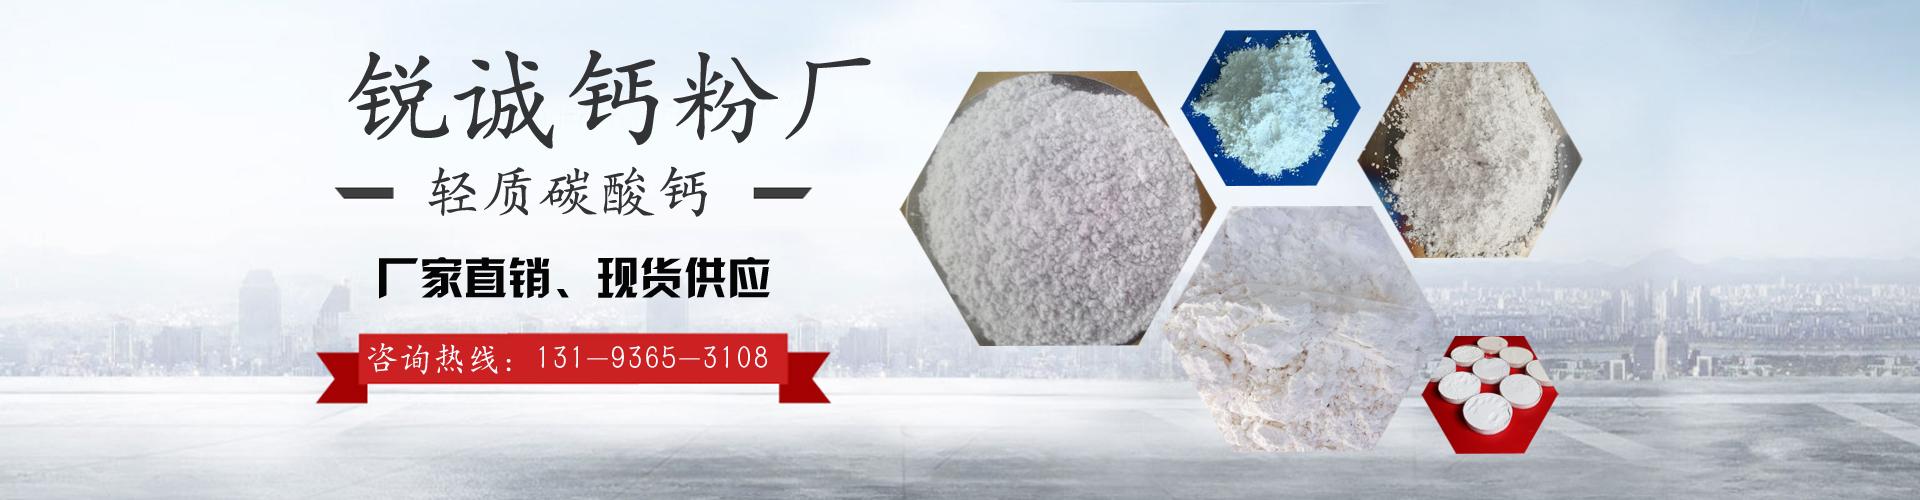 伟德官网电脑版:app碳酸钙